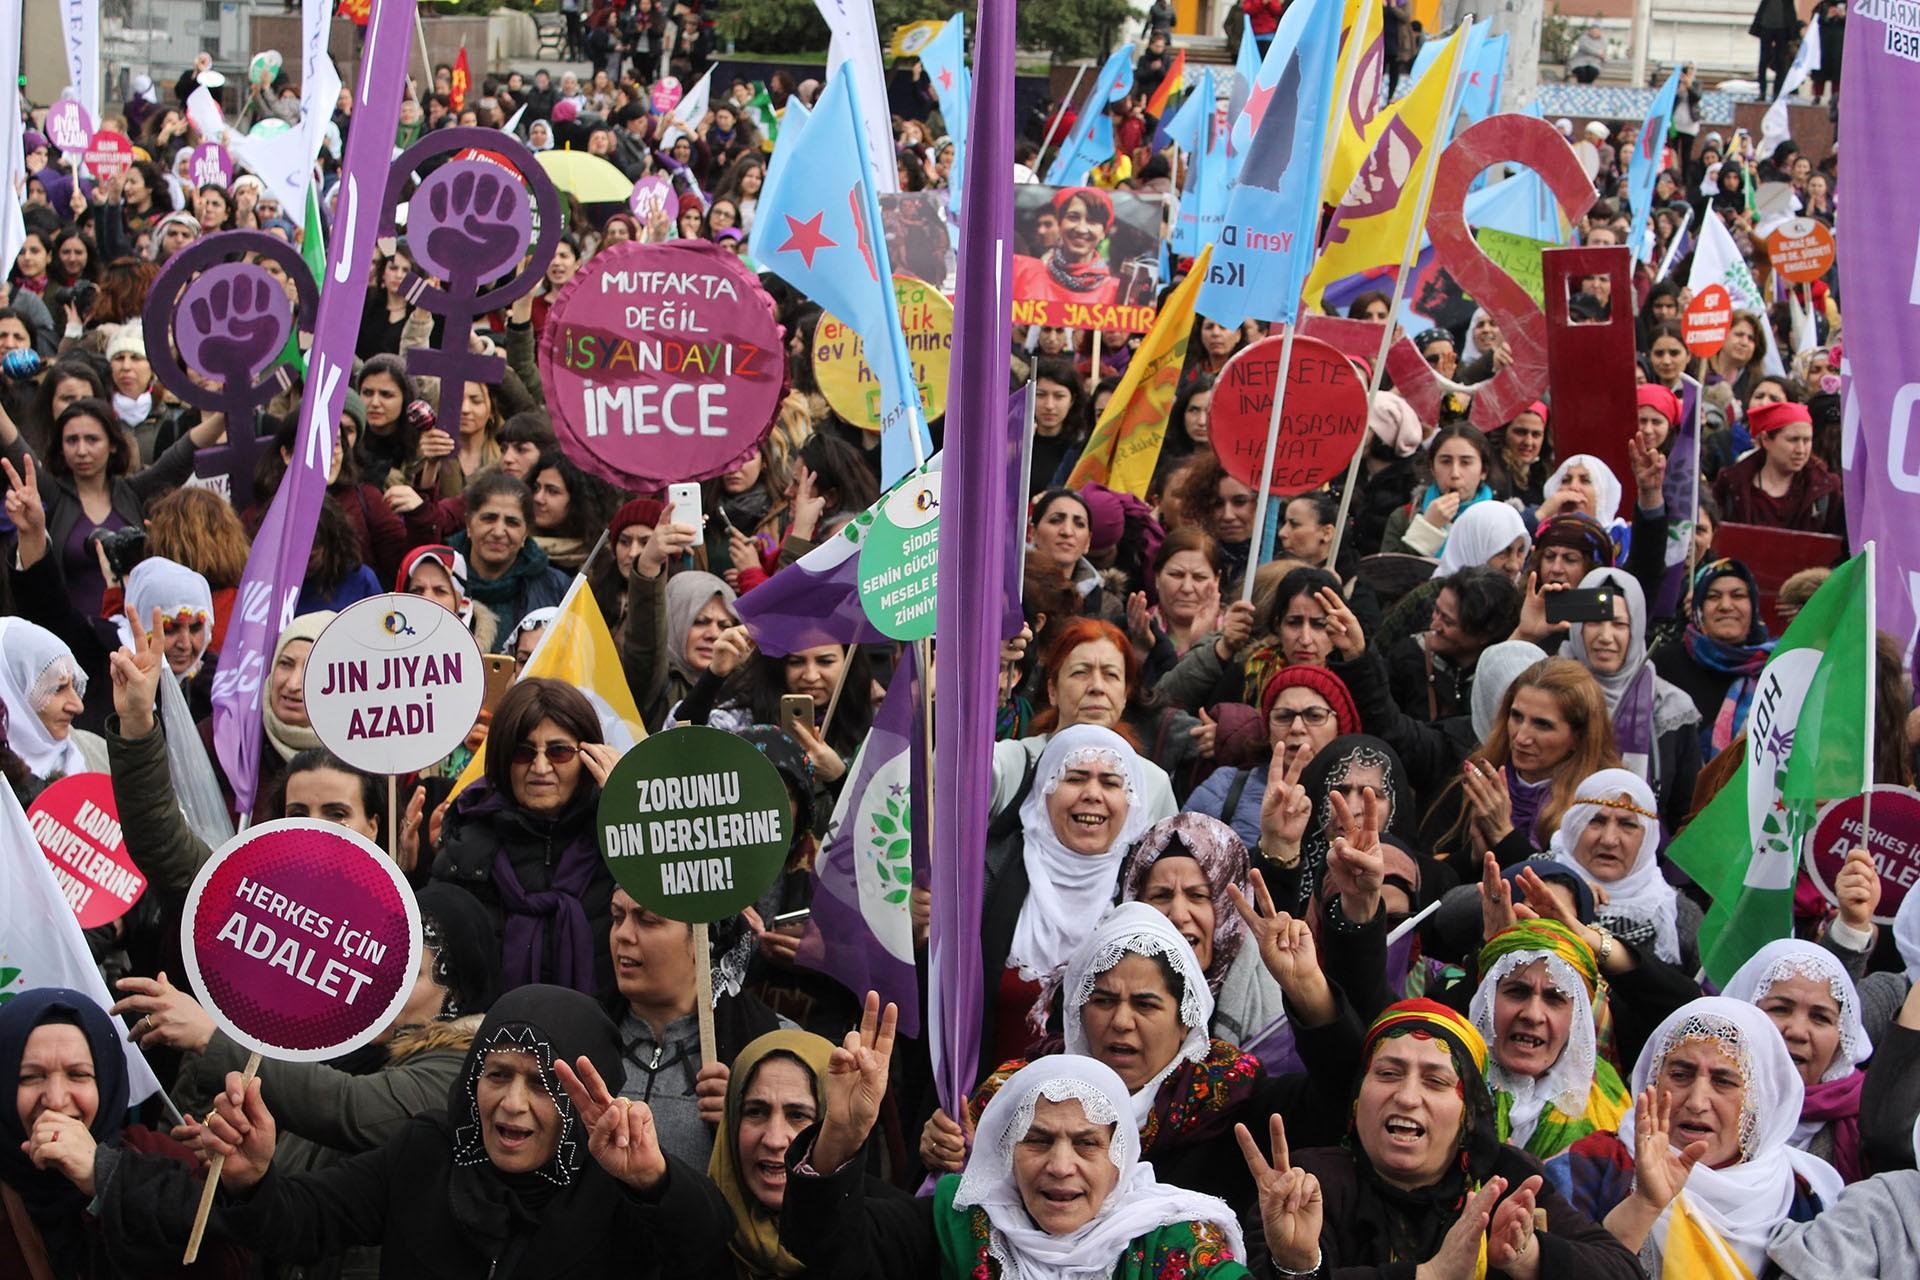 Bakırköy 25 Kasım etkinliği